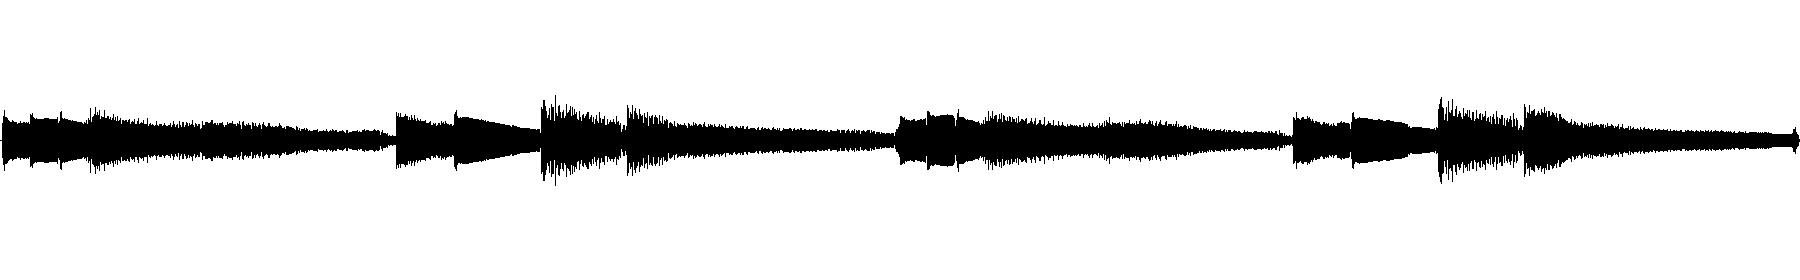 classic soul loop 73bpm